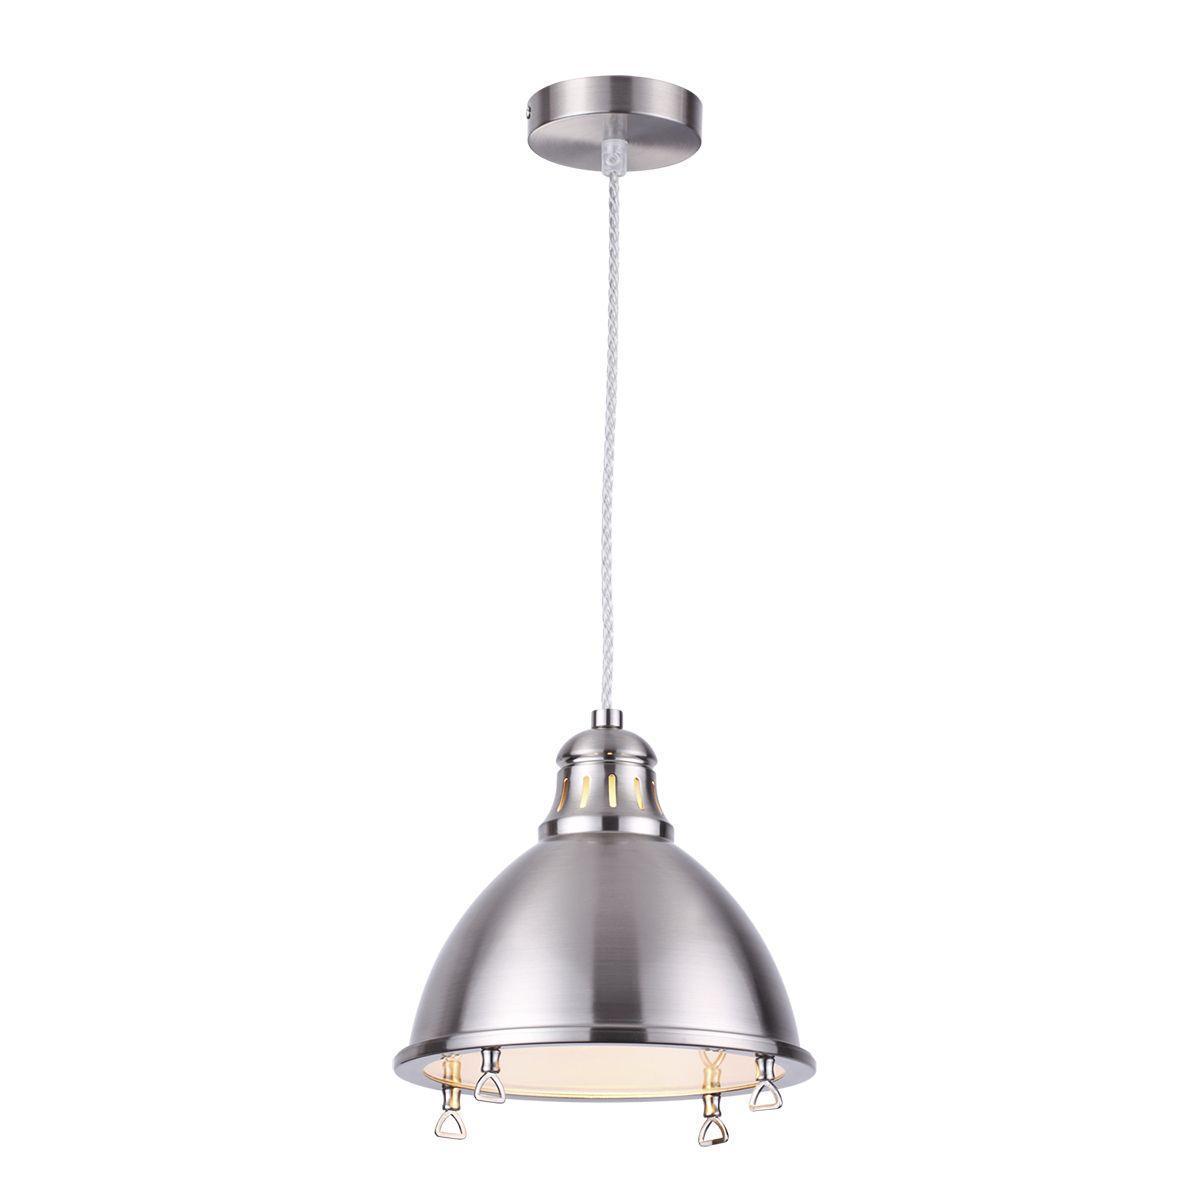 Подвесной светильник Odeon Light Breta 3807/1L светильник odeon light breta 3807 1l